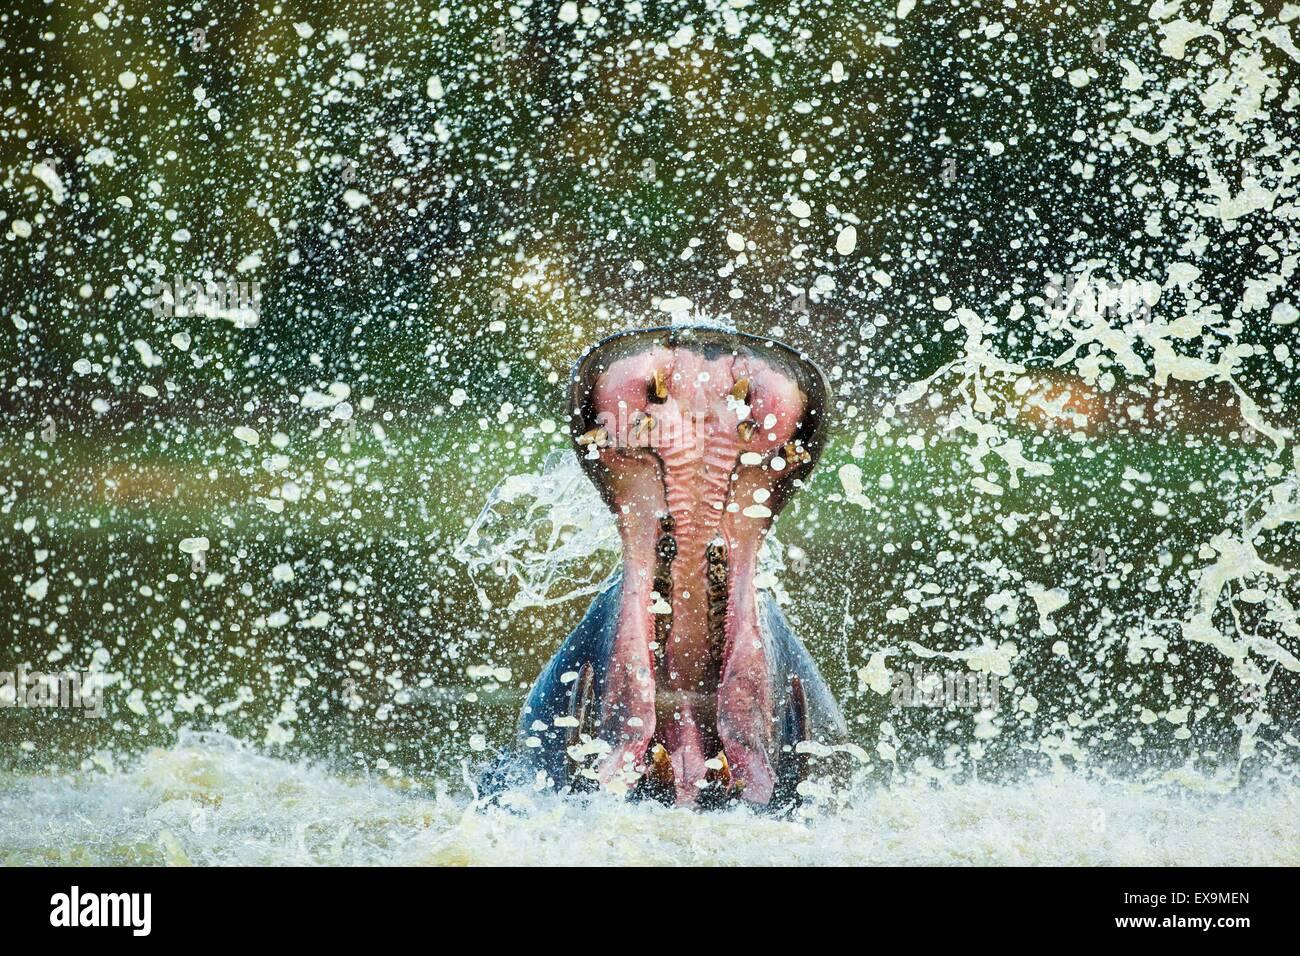 Maschio di ippopotamo visualizzazione aggressivo comportamento territoriale la spruzzatura di acqua Immagini Stock